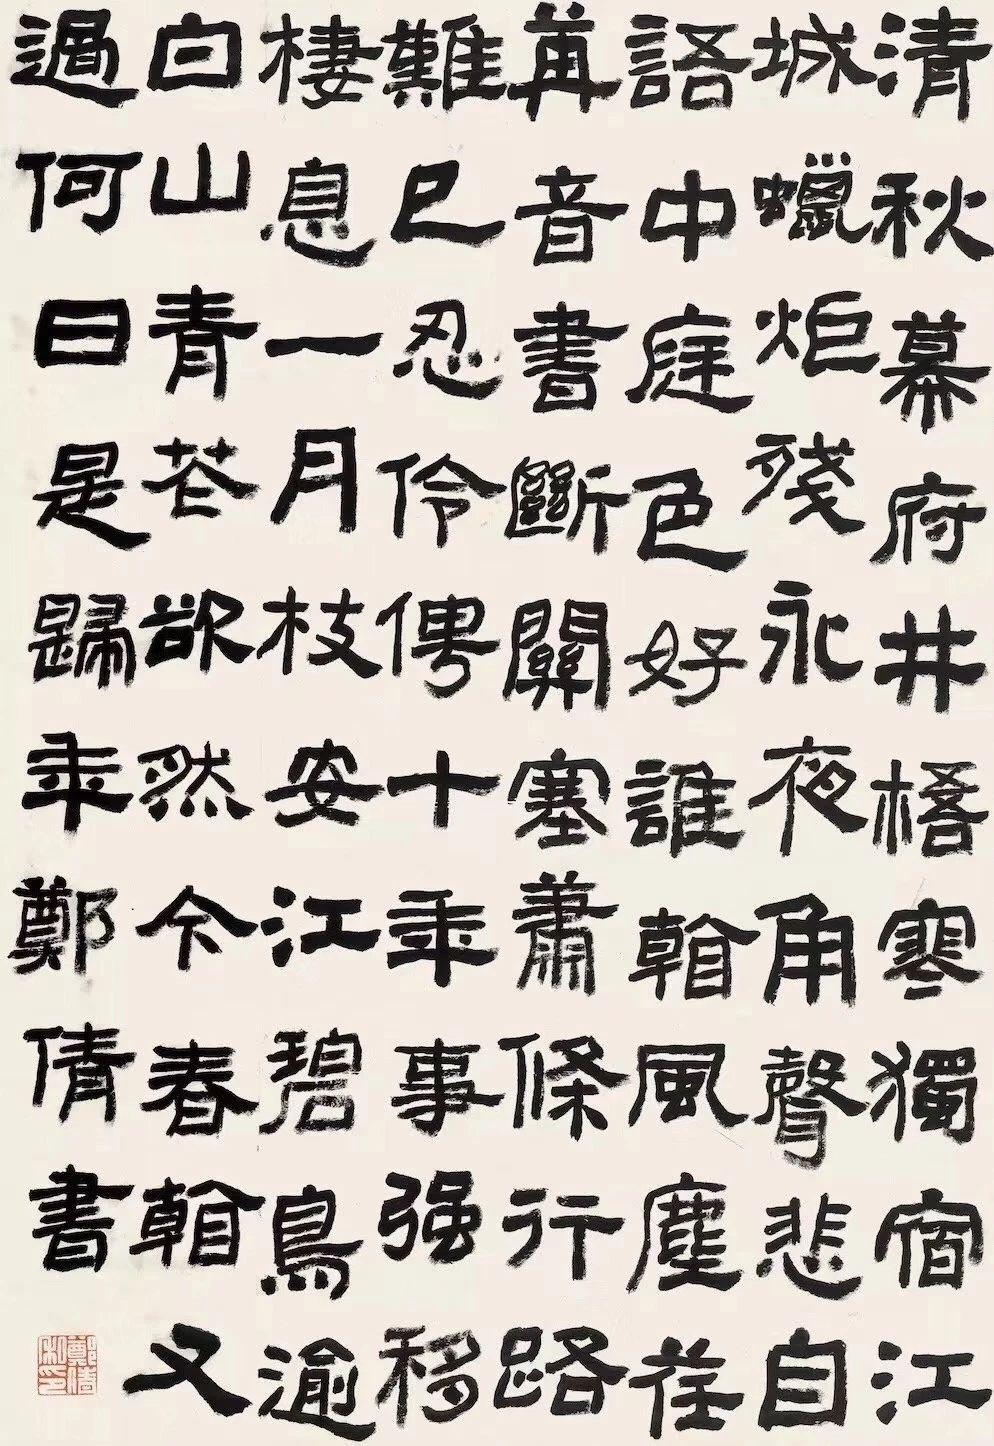 郑倩老师作品